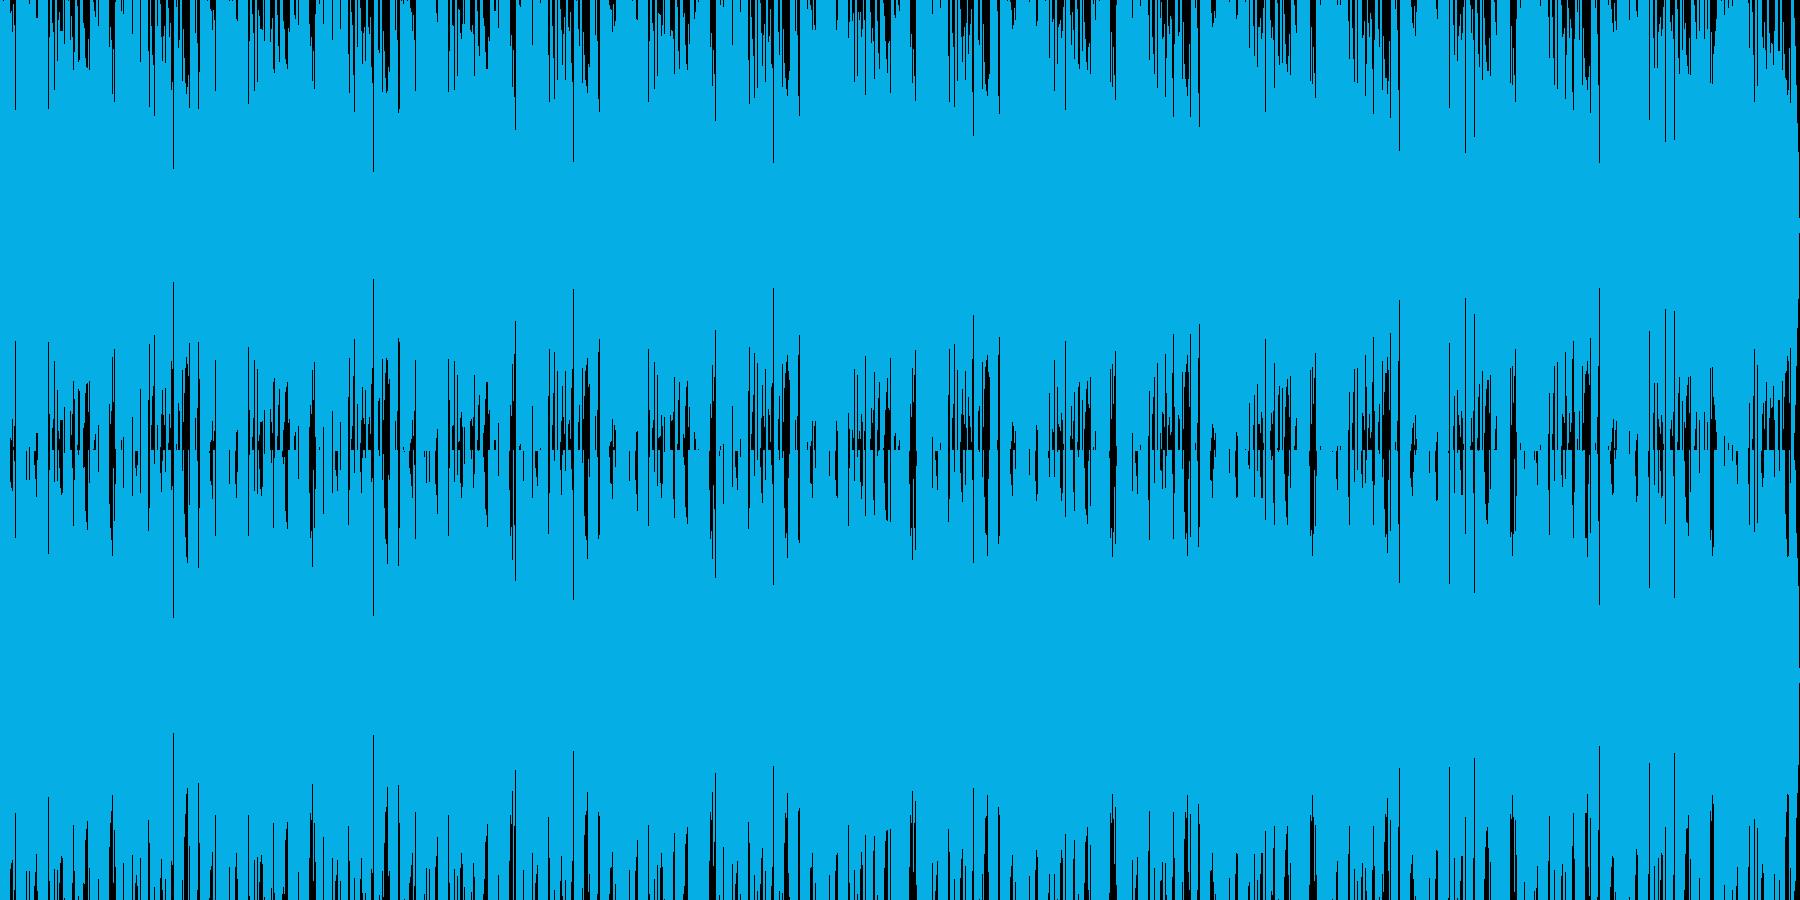 薄暗く怪しい雰囲気のループ系ジャズの再生済みの波形